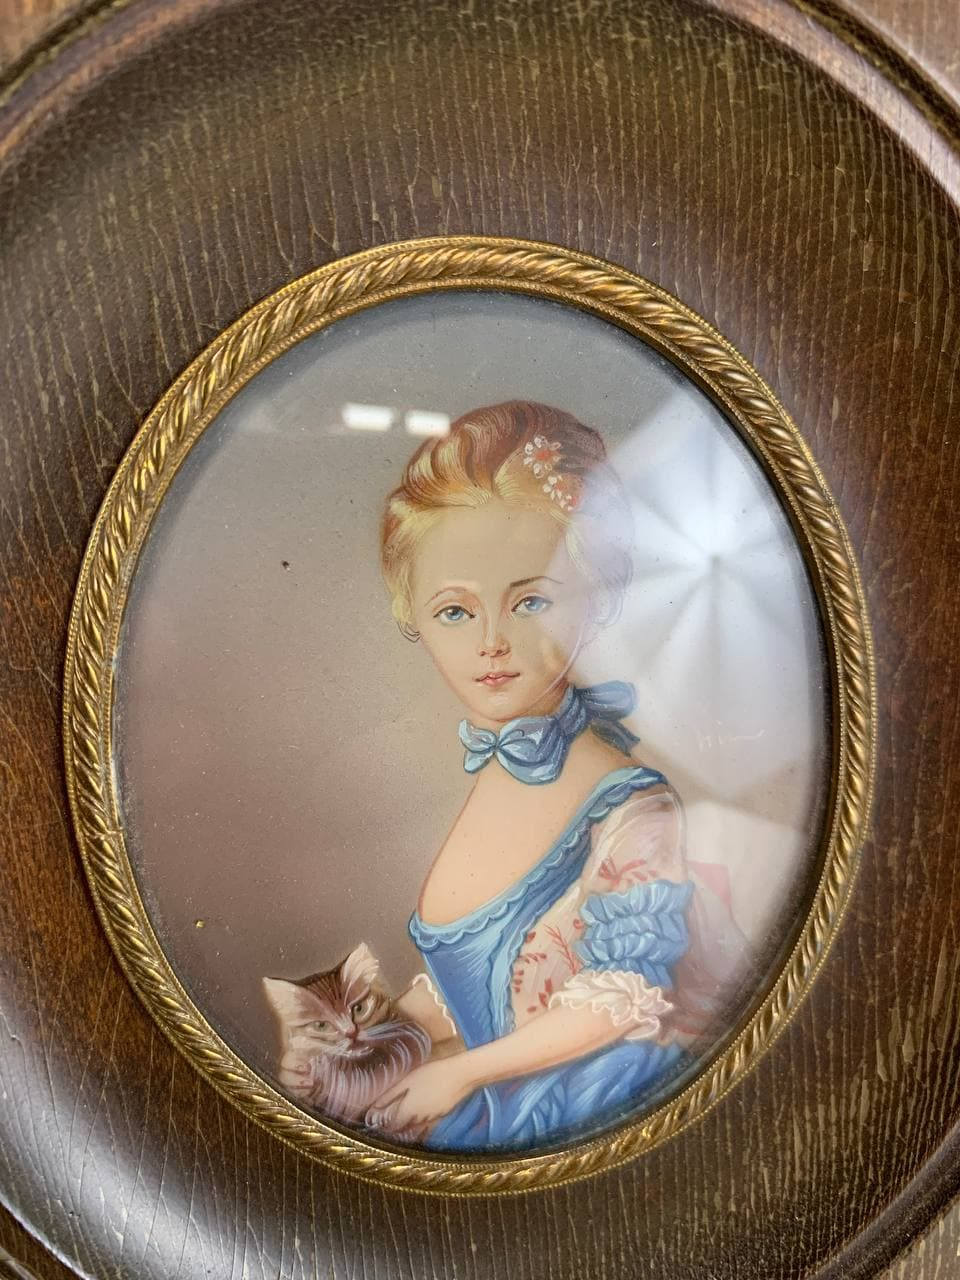 Антикварная миниатюра молодой девушки с котом